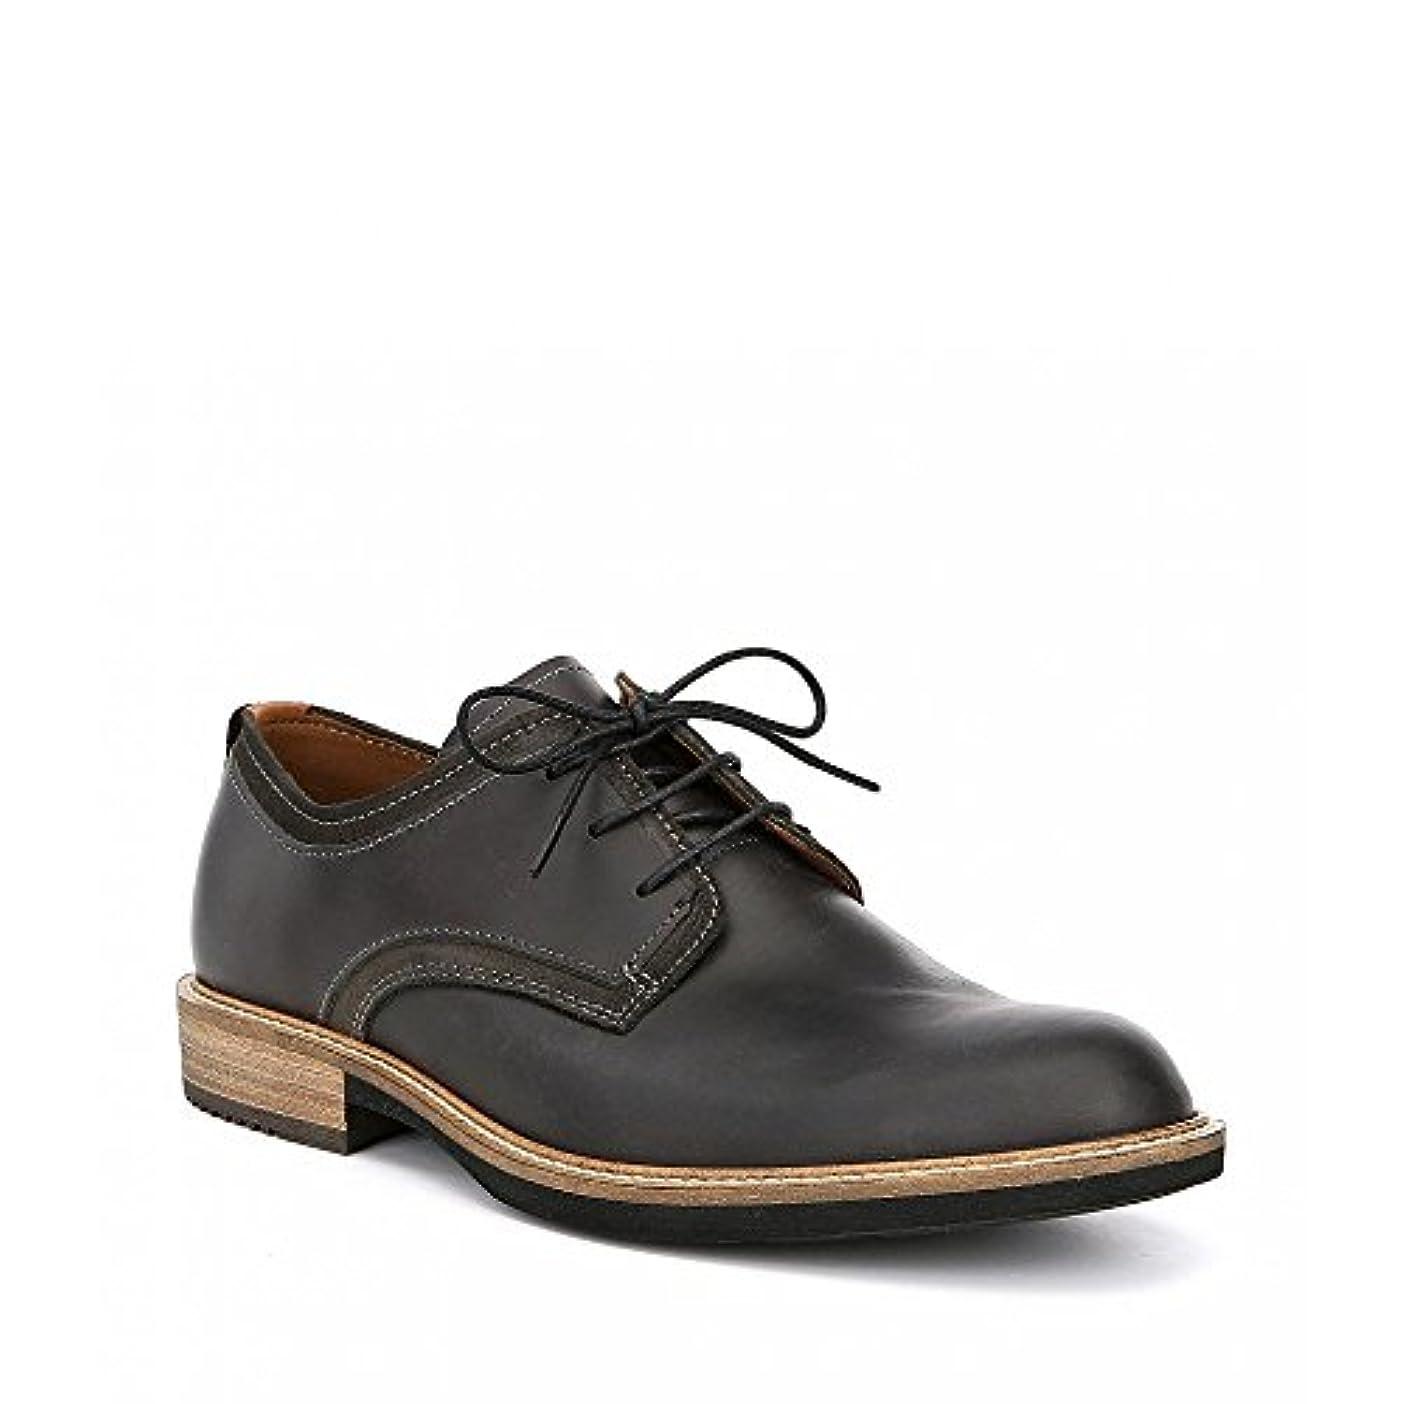 判決和らげる写真(エコー) ECCO メンズ シューズ?靴 革靴?ビジネスシューズ Kenton Derby Tie Oxfords [並行輸入品]